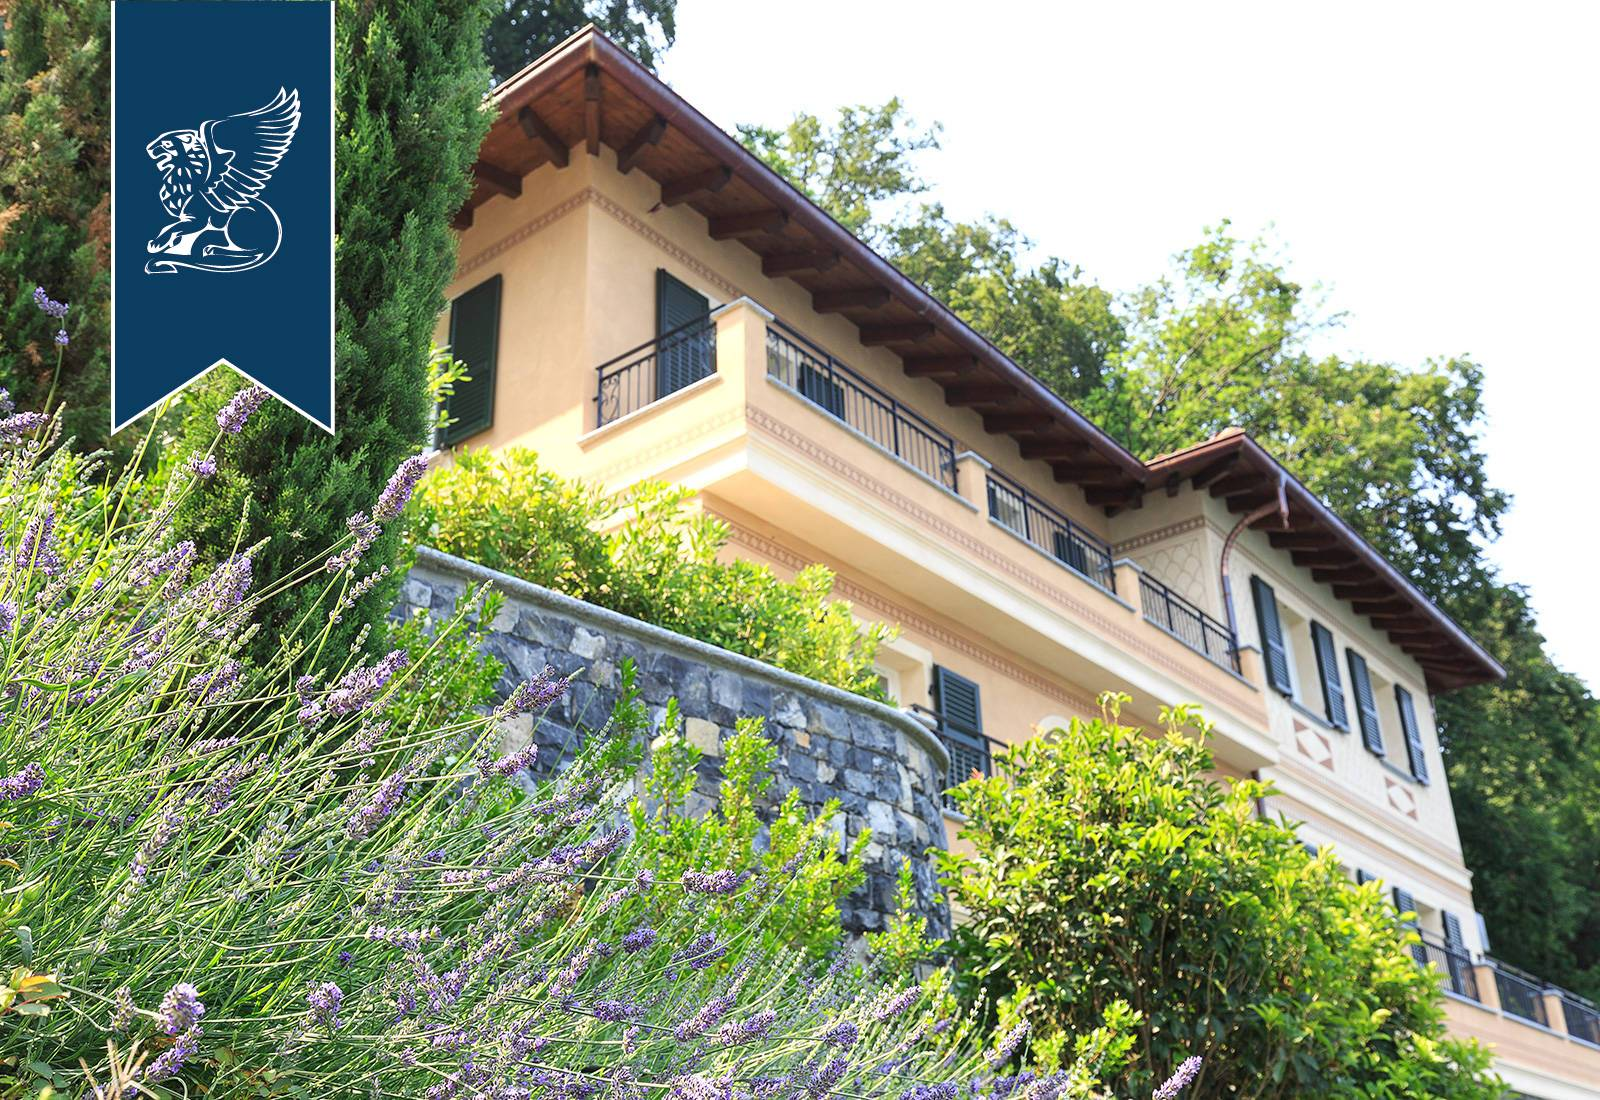 Villa in Vendita a Blevio: 0 locali, 707 mq - Foto 8